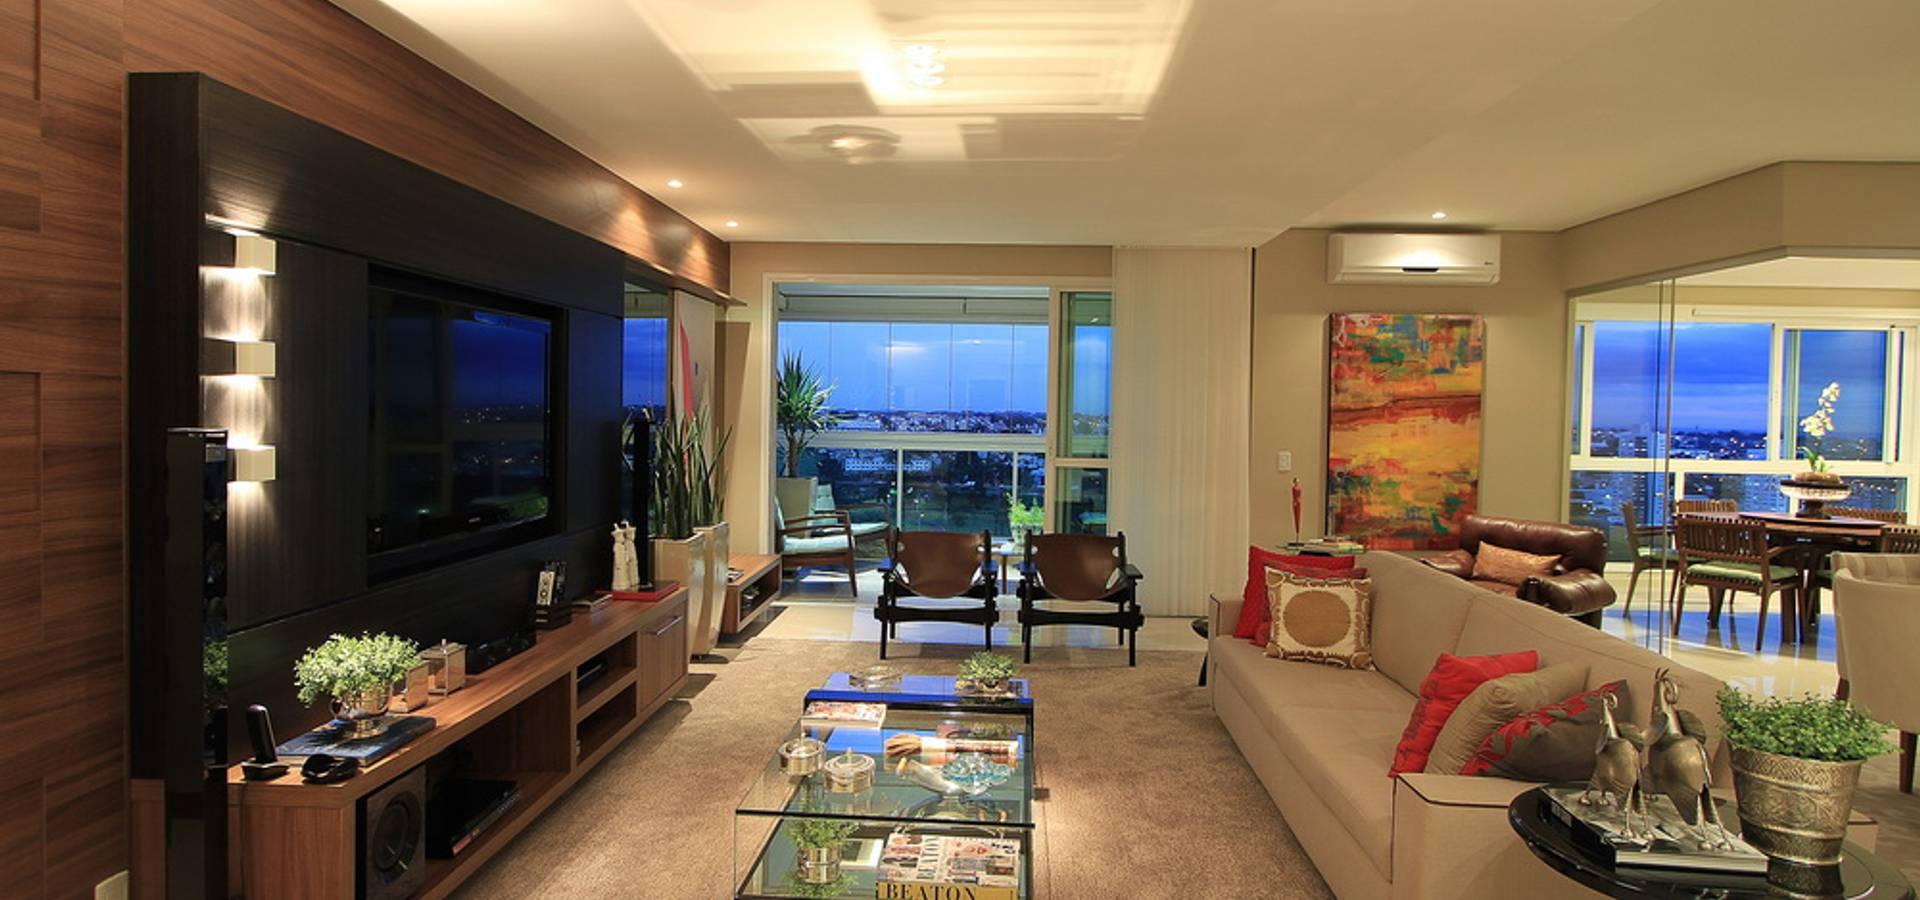 CASA Arquitetura e design de interiores